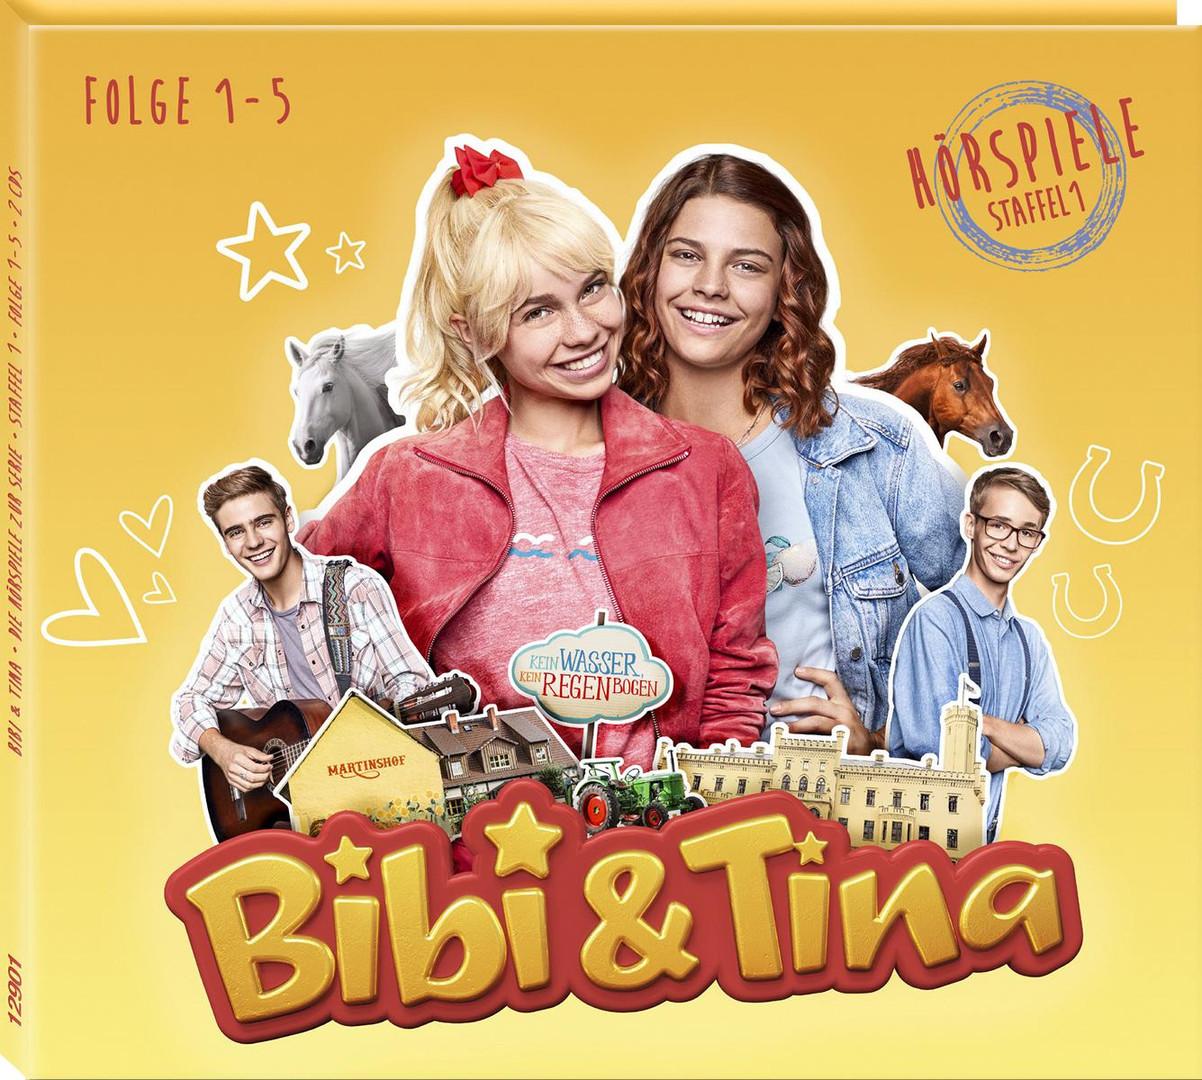 Bibi und Tina - Hörspiele zur Serie (Staffel 1 - Episoden 1 bis 5)